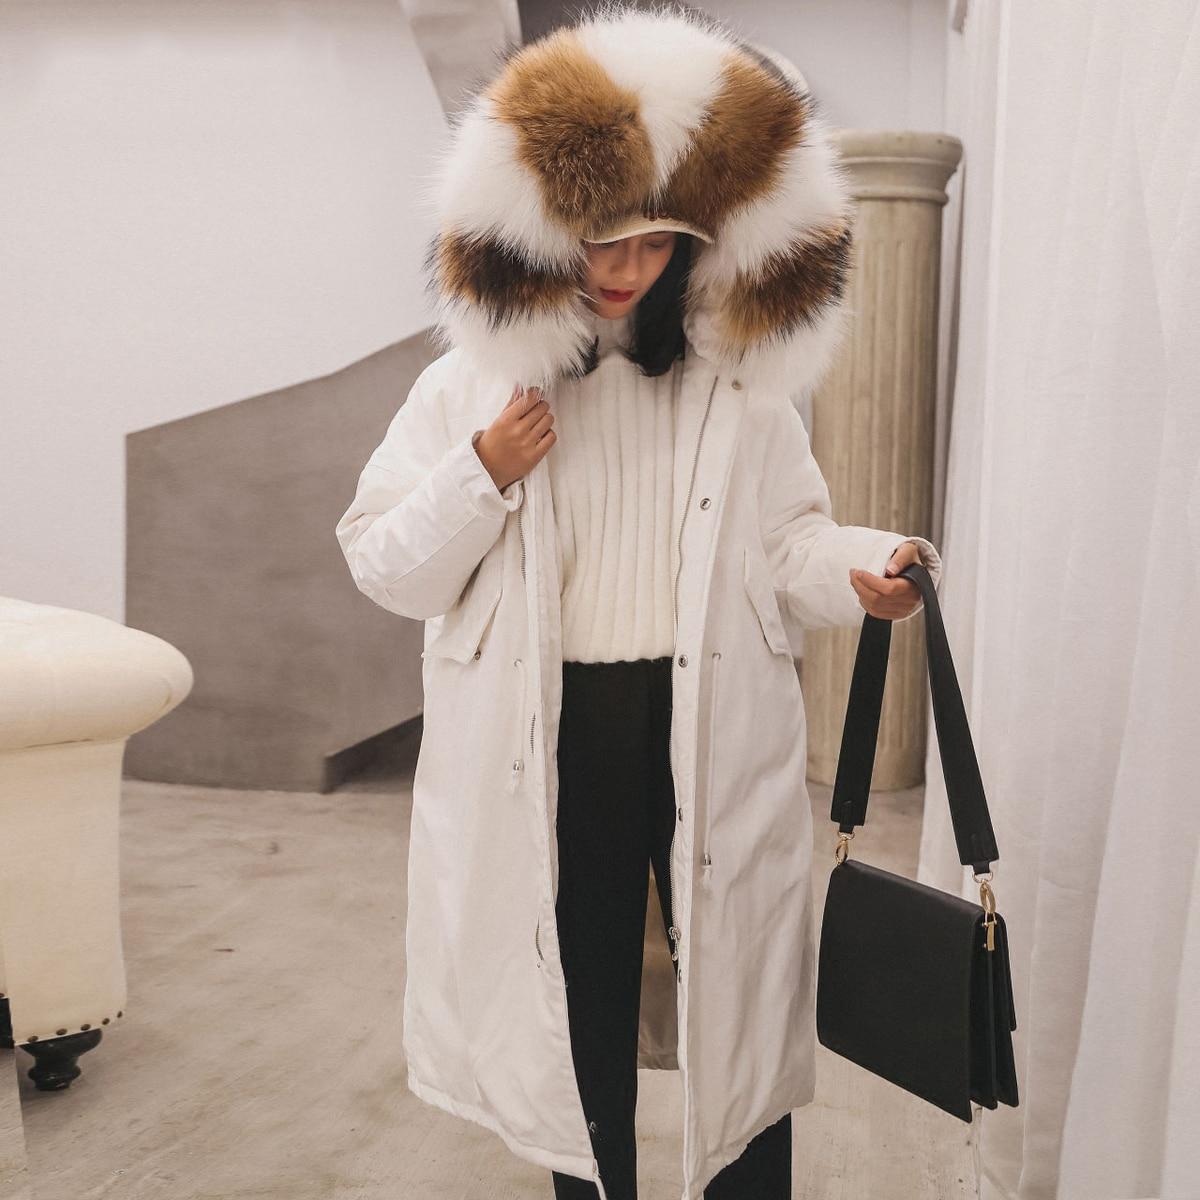 Blanc Outwear Vêtements Manteau Parkas Col Réel Black Épais Duvet Vers De Long Femelle white D'hiver Veste Neige Fourrure Femmes Canard brown Le Chaud Luxe Russe Bas tEwUqFW